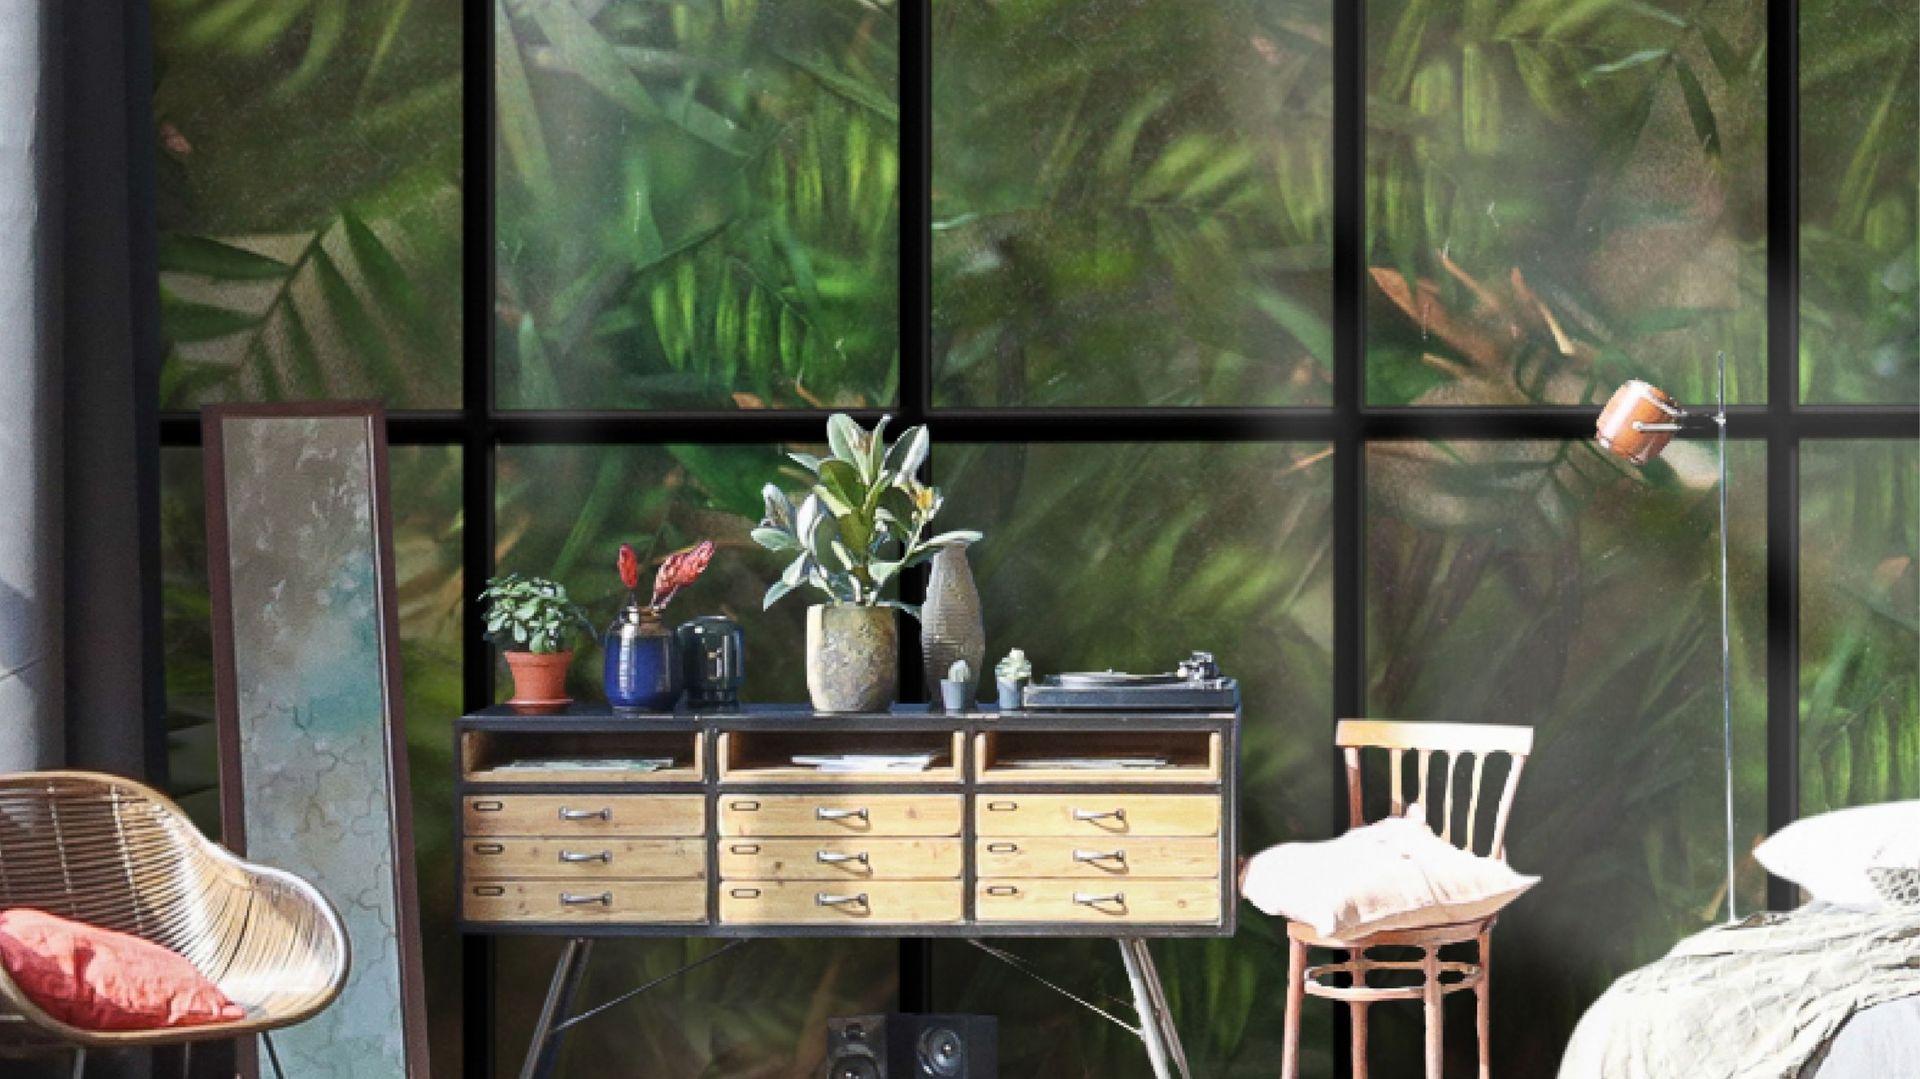 Fototapeta The world outside imituje okno z widokiem na egzotyczną wyspę. Fot. Wallpepper